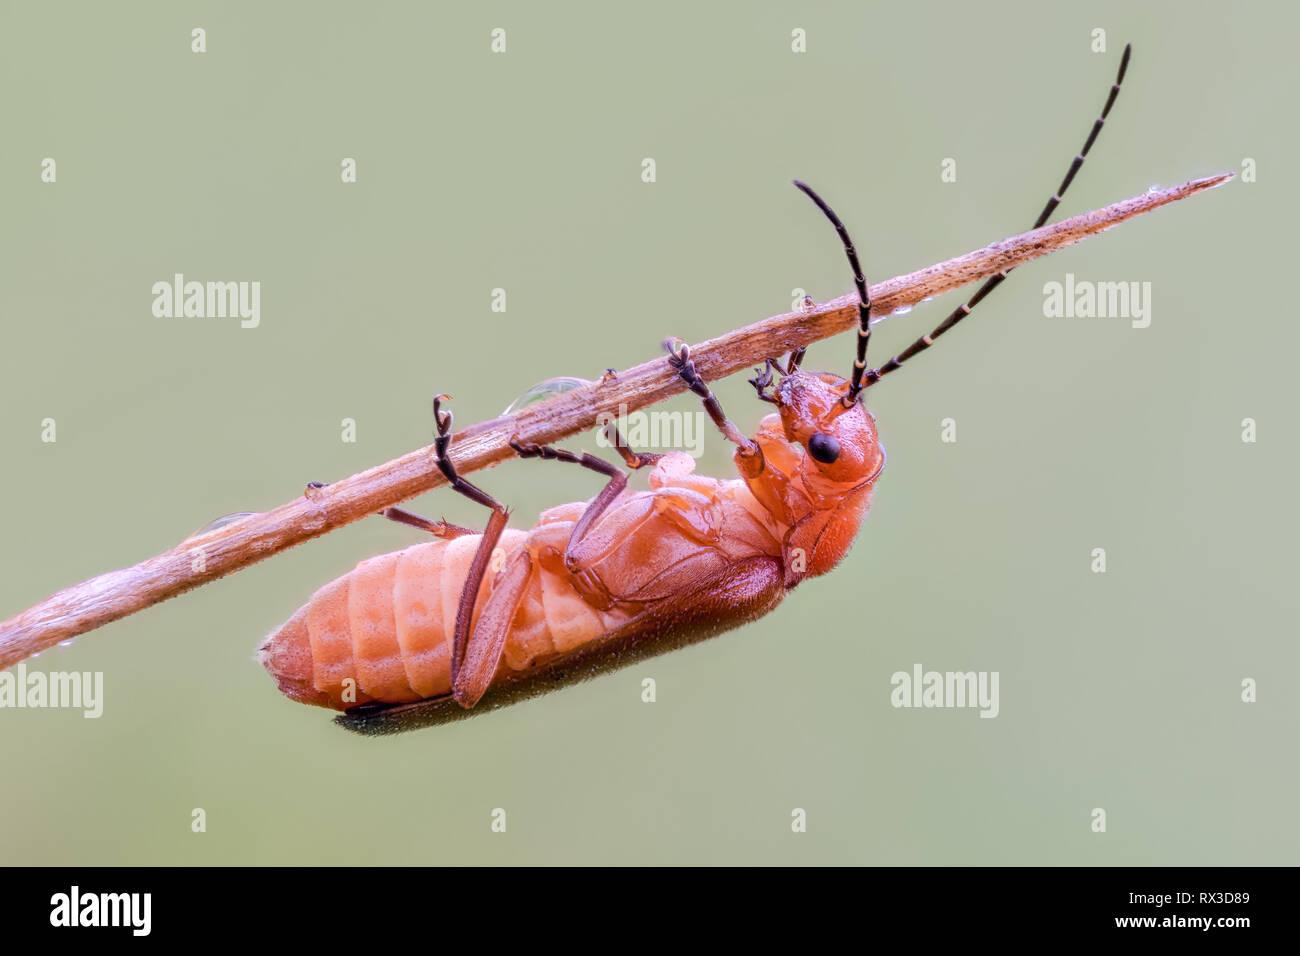 Käfer Makro, Nahaufnahme mit vielen Details mit Hilfe von Focus Bracketing. Detailreiche Makroaufnahmen von kleinen Tieren - Stock Image